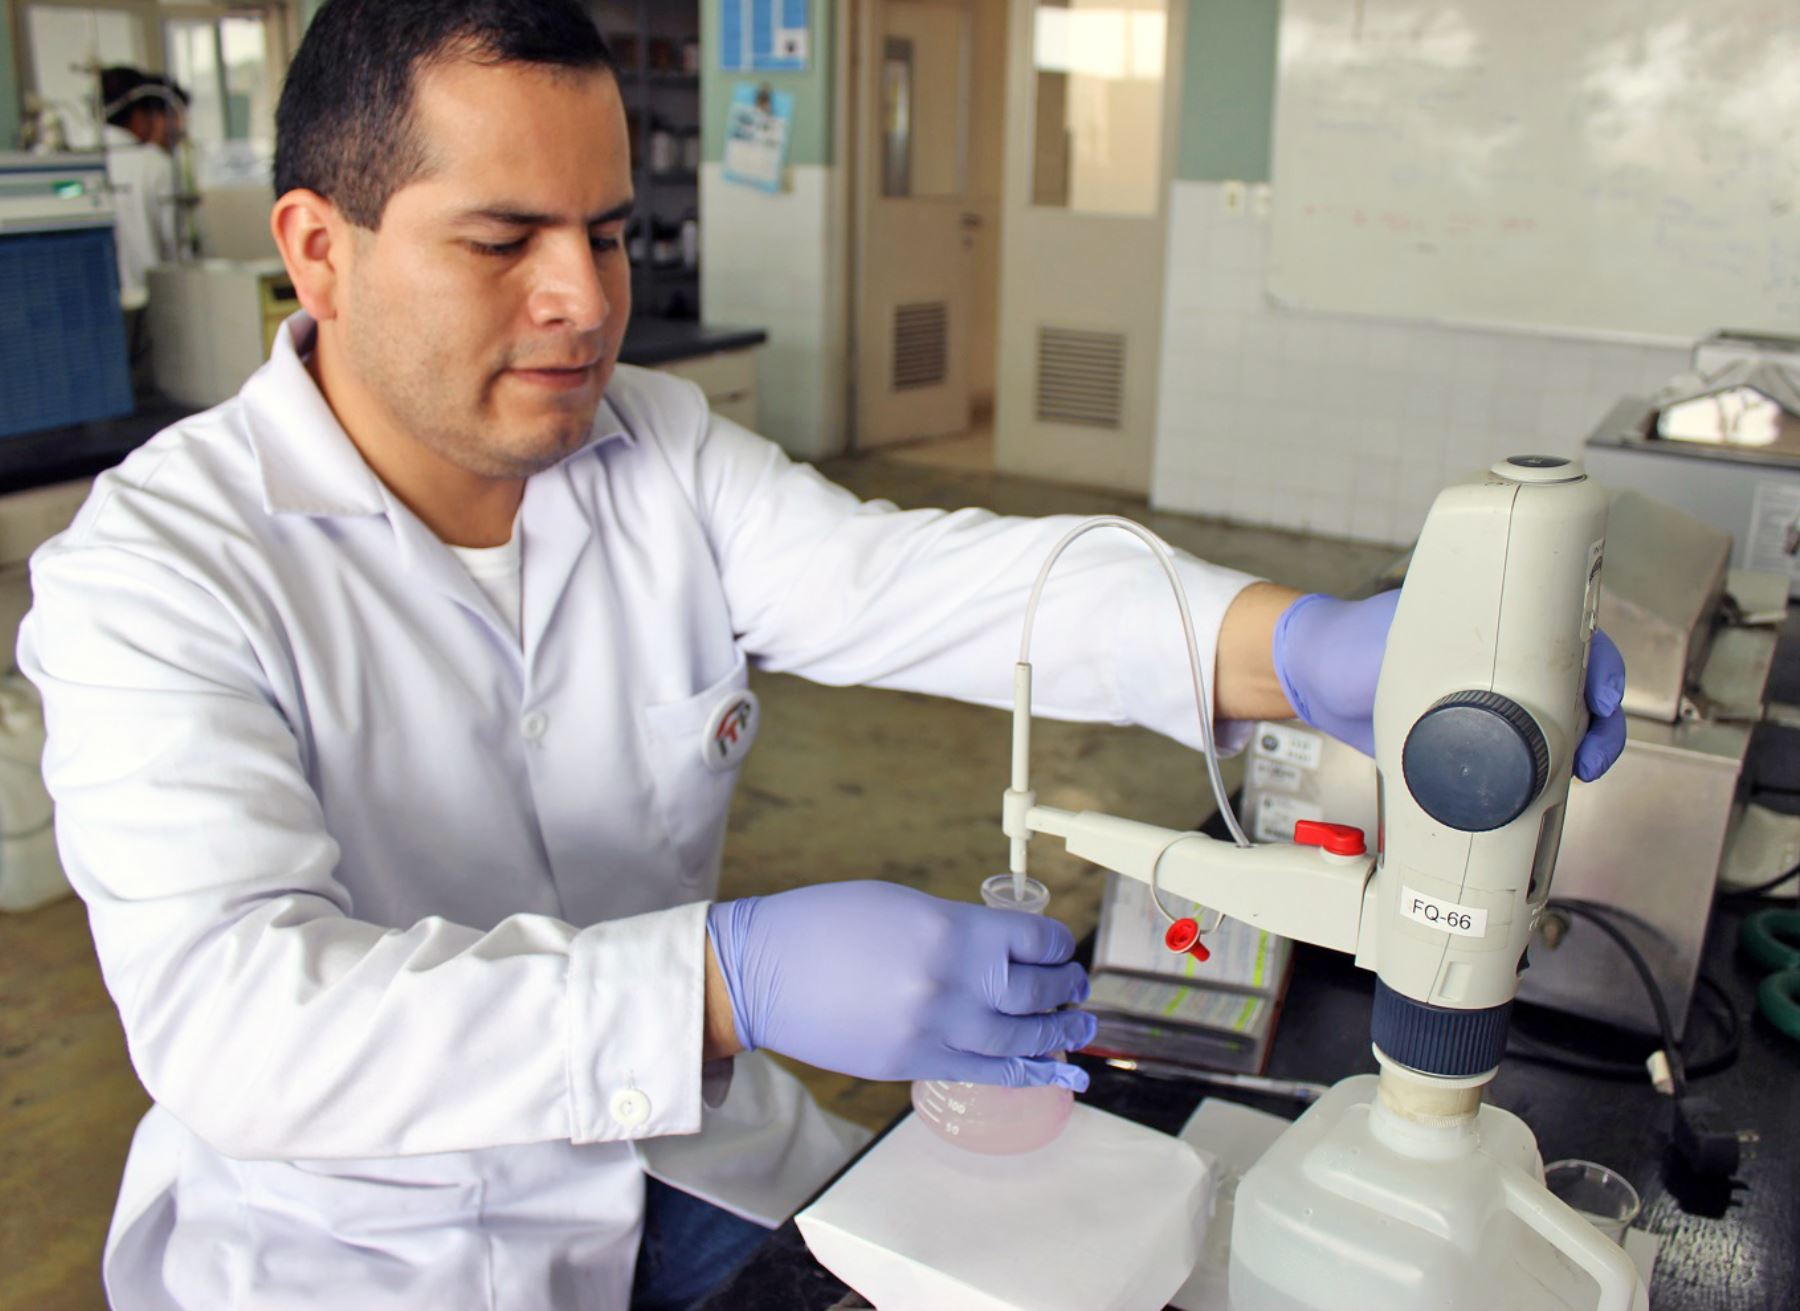 El Concytec está interesado en darle oportunidades a la juventud peruana interesada en la ciencia a postular a concursos. ANDINA/Difusión